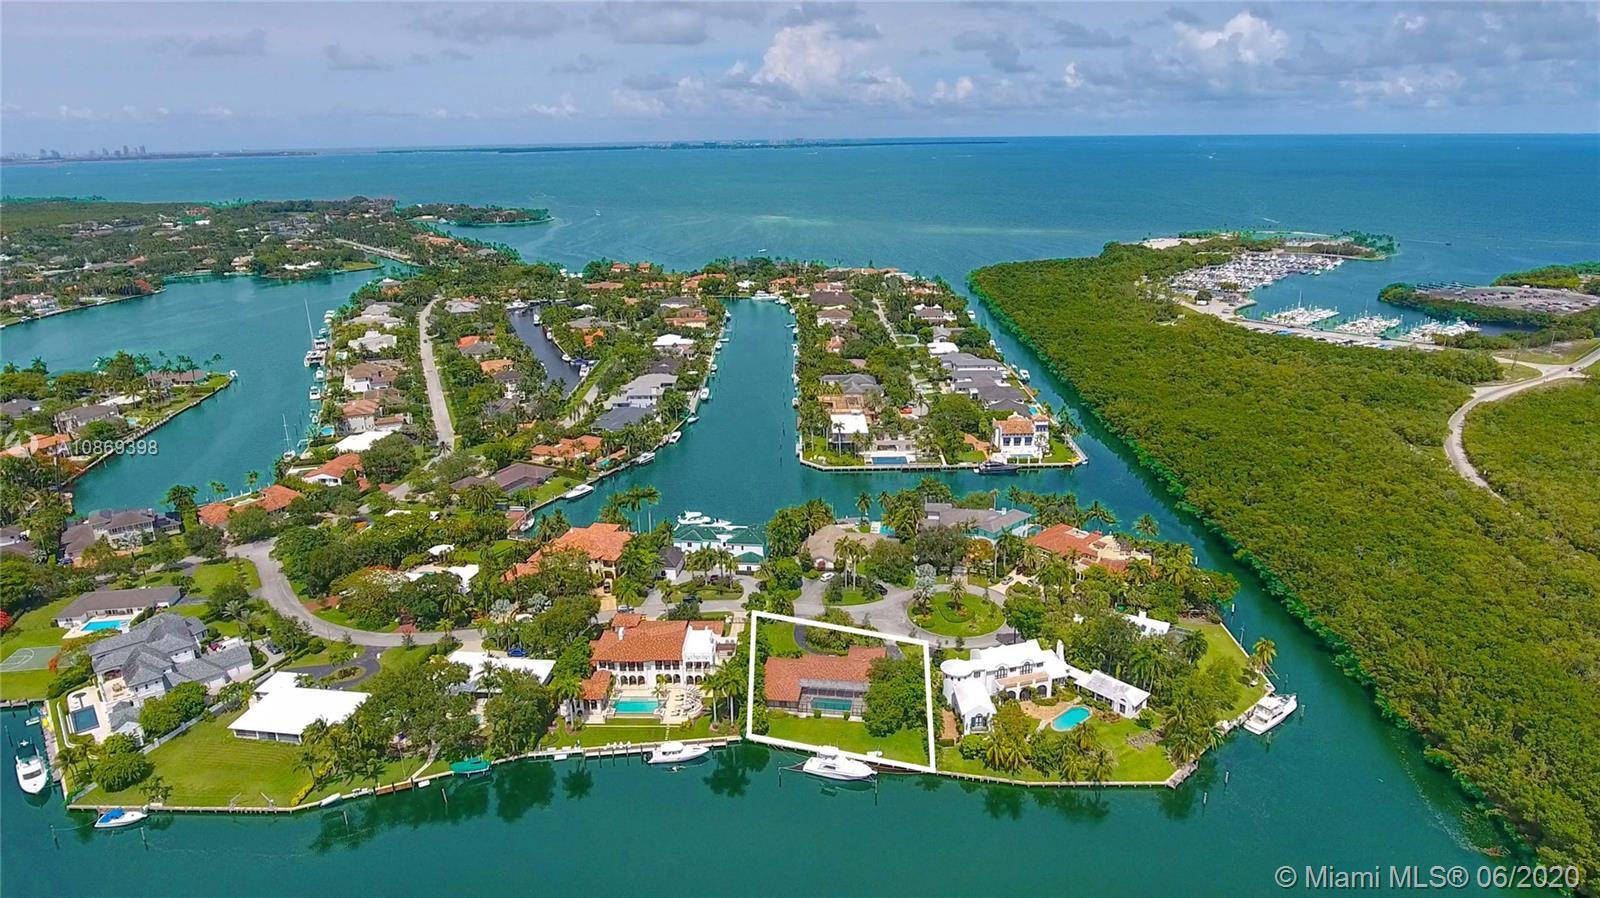 9360 Gallardo St, Coral Gables, Florida 33156, 3 Bedrooms Bedrooms, ,3 BathroomsBathrooms,Residential,For Sale,9360 Gallardo St,A10869398